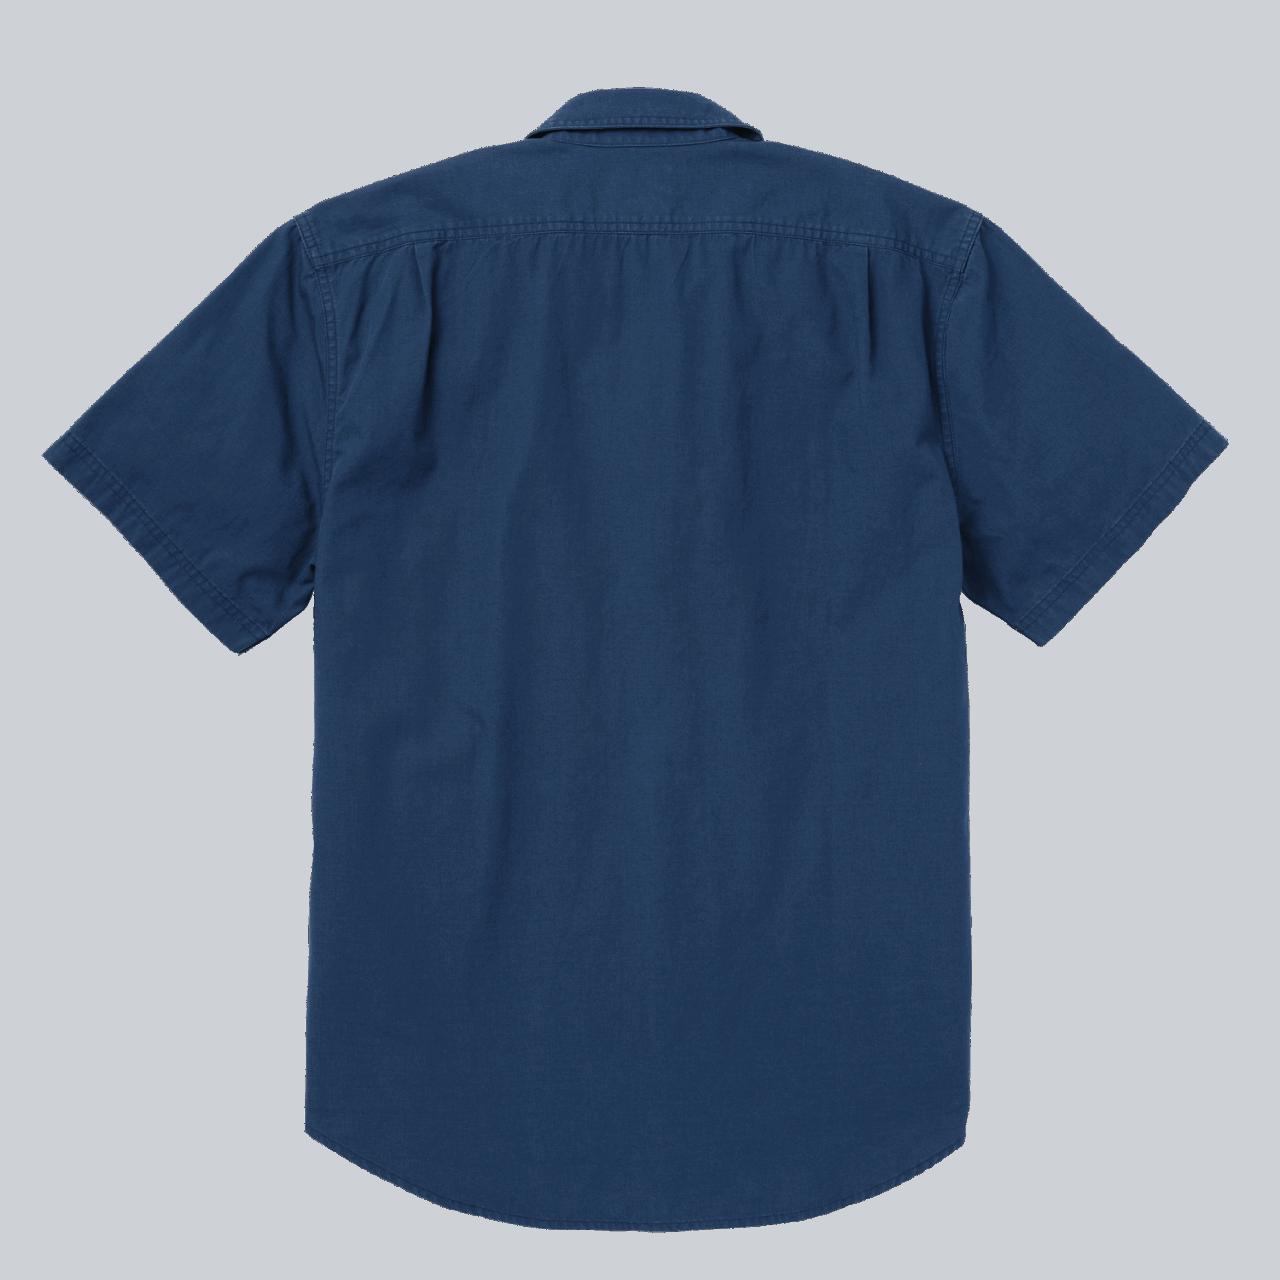 Filson Short Sleeve Field Shirt - blue